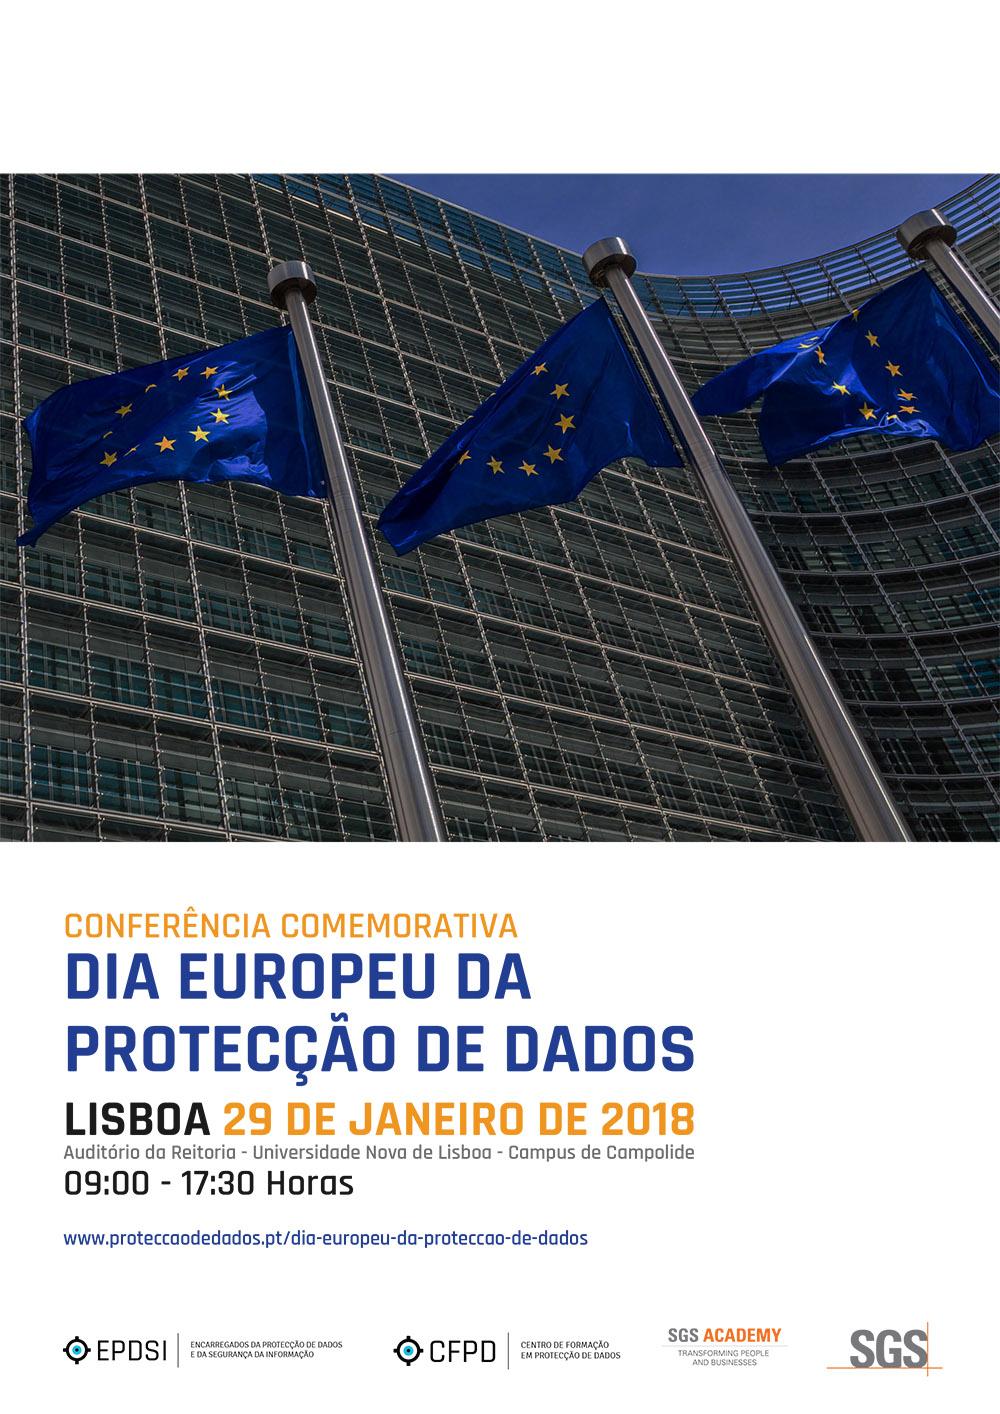 Conferência - Dia Europeu da Protecção de Dados - Lisboa - 29 de Janeiro de 2018